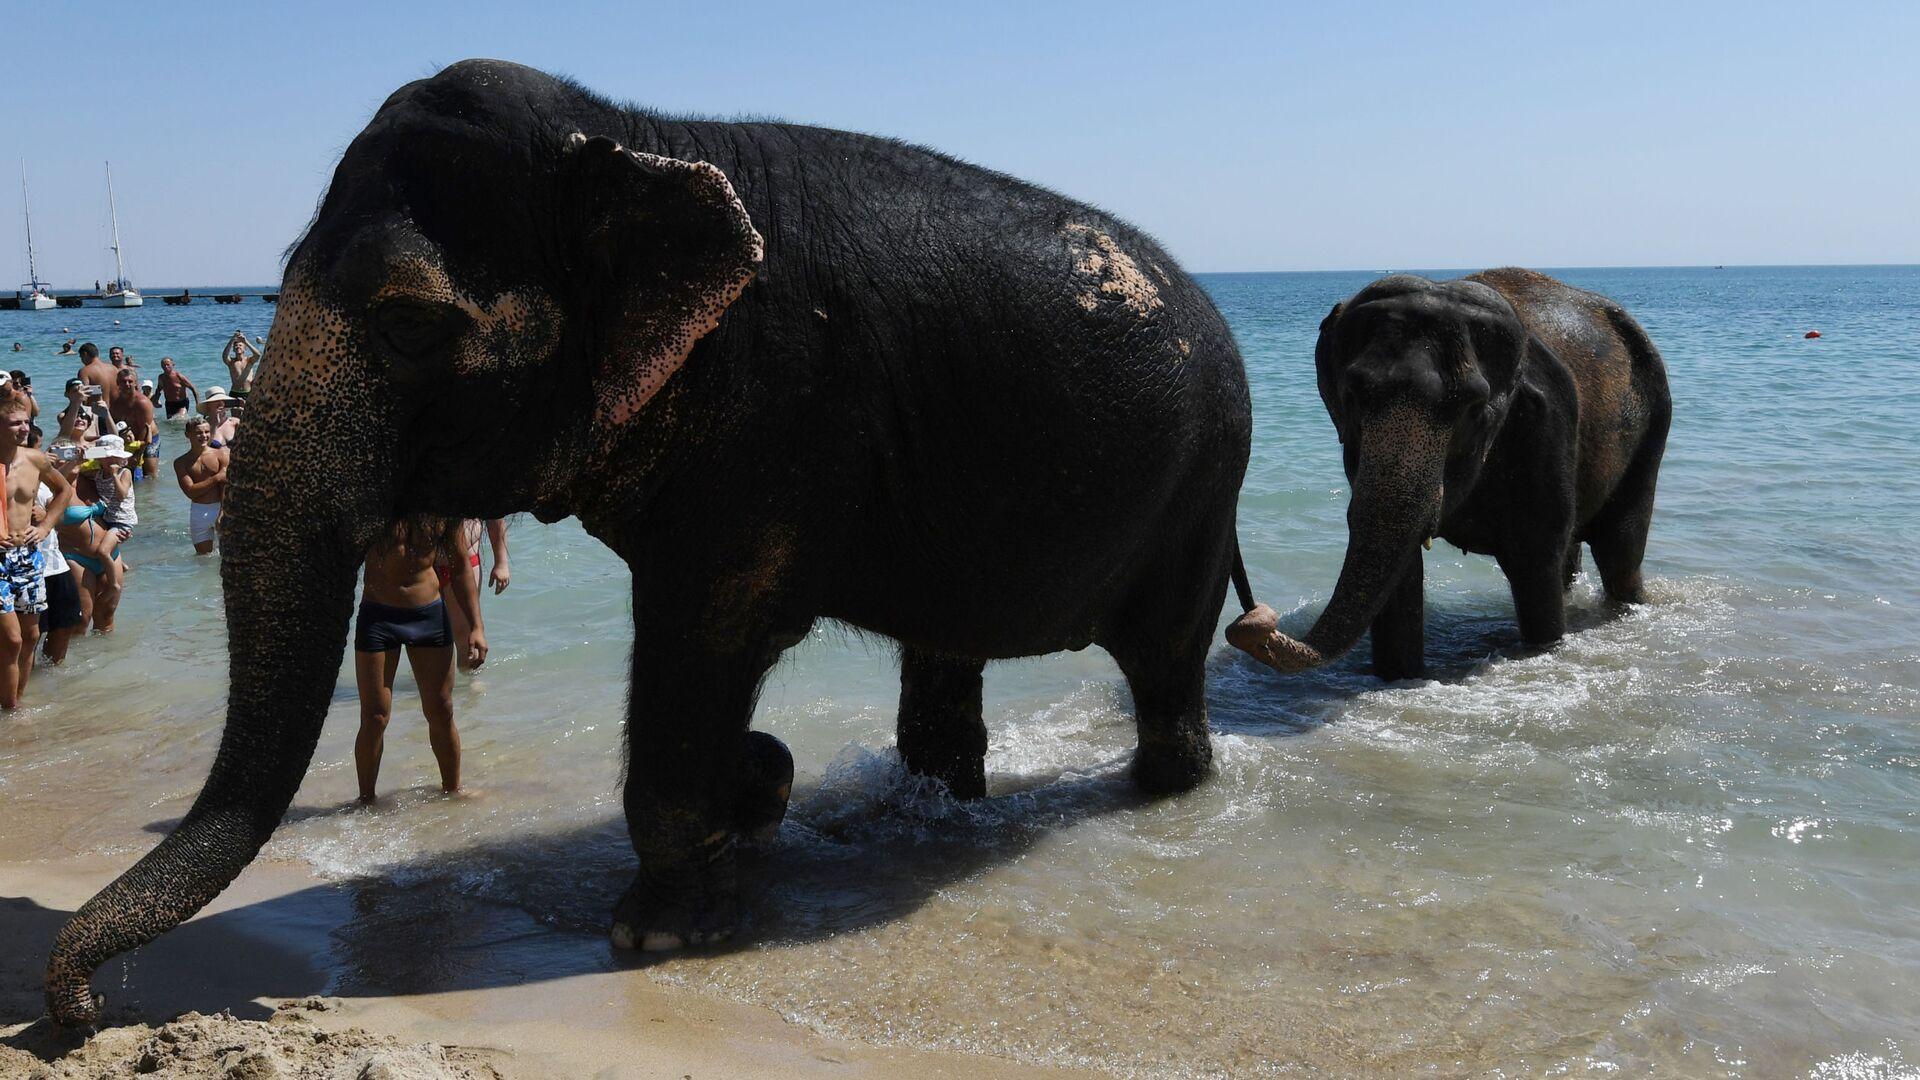 Gli elefanti Jenny e Magda, partecipanti allo show circense, ritornano sulla spiaggia dopo il bagno nel mare ad Eupatoria, Crimea. - Sputnik Italia, 1920, 22.08.2021